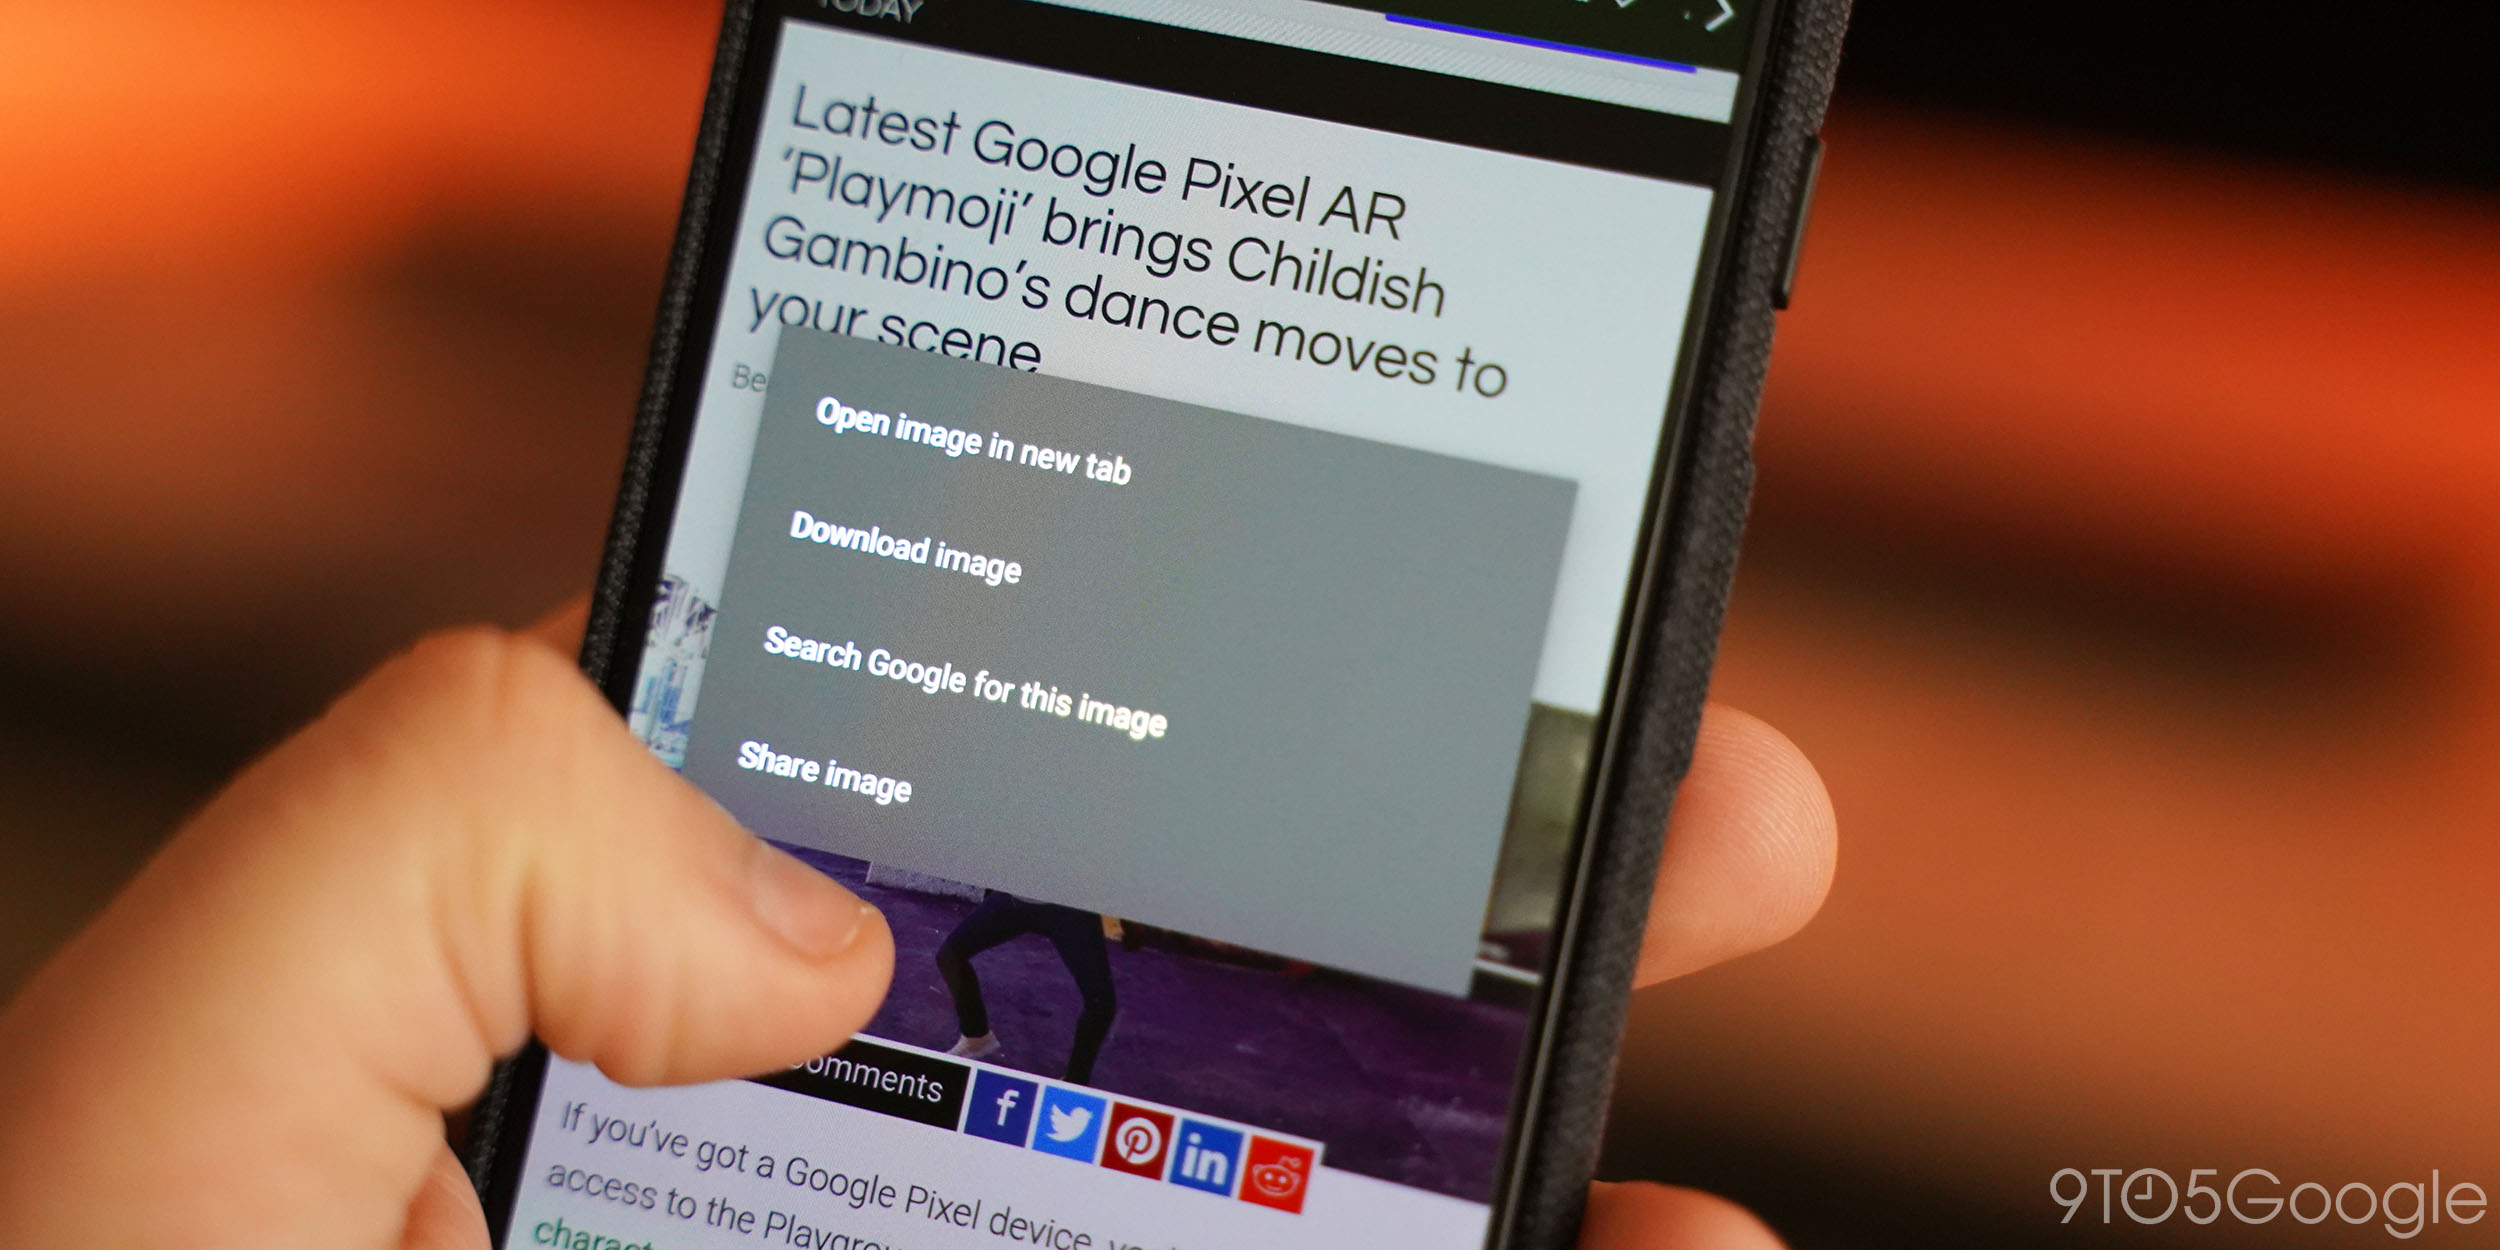 Die 3 besten Mobile-Dating-Apps im deutschen Markt